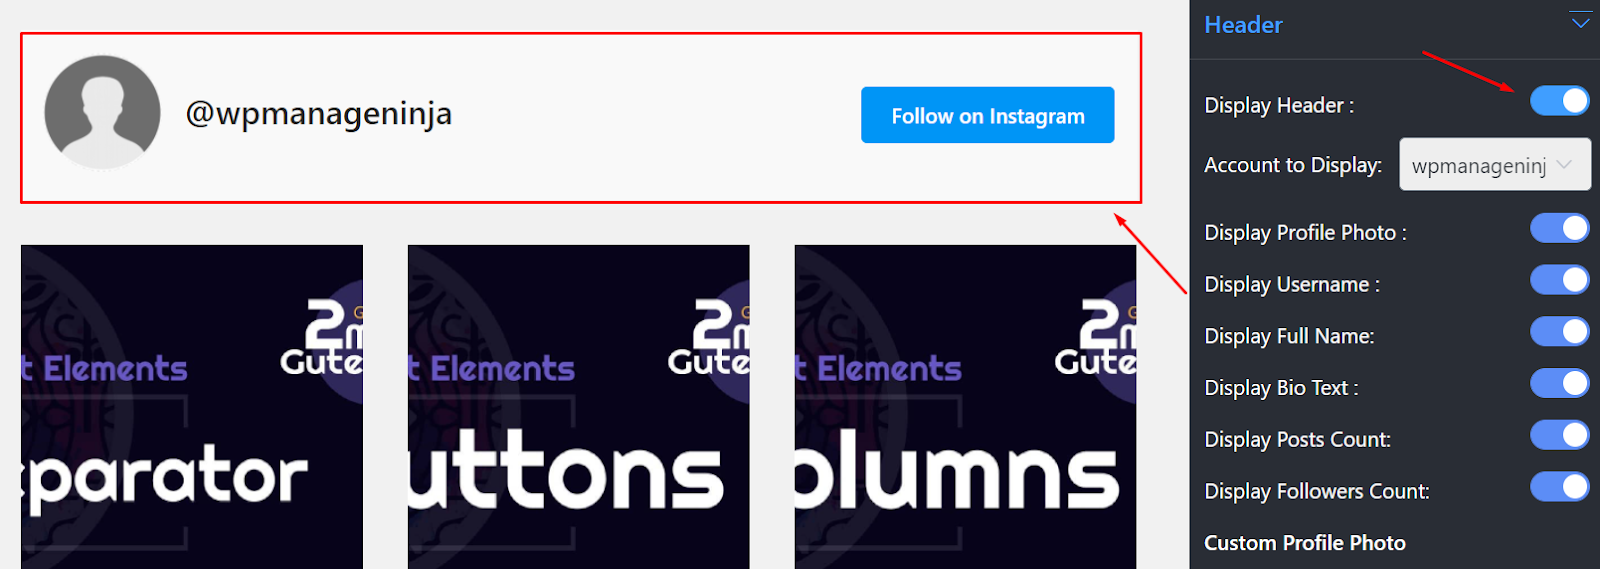 Instagram settings display header